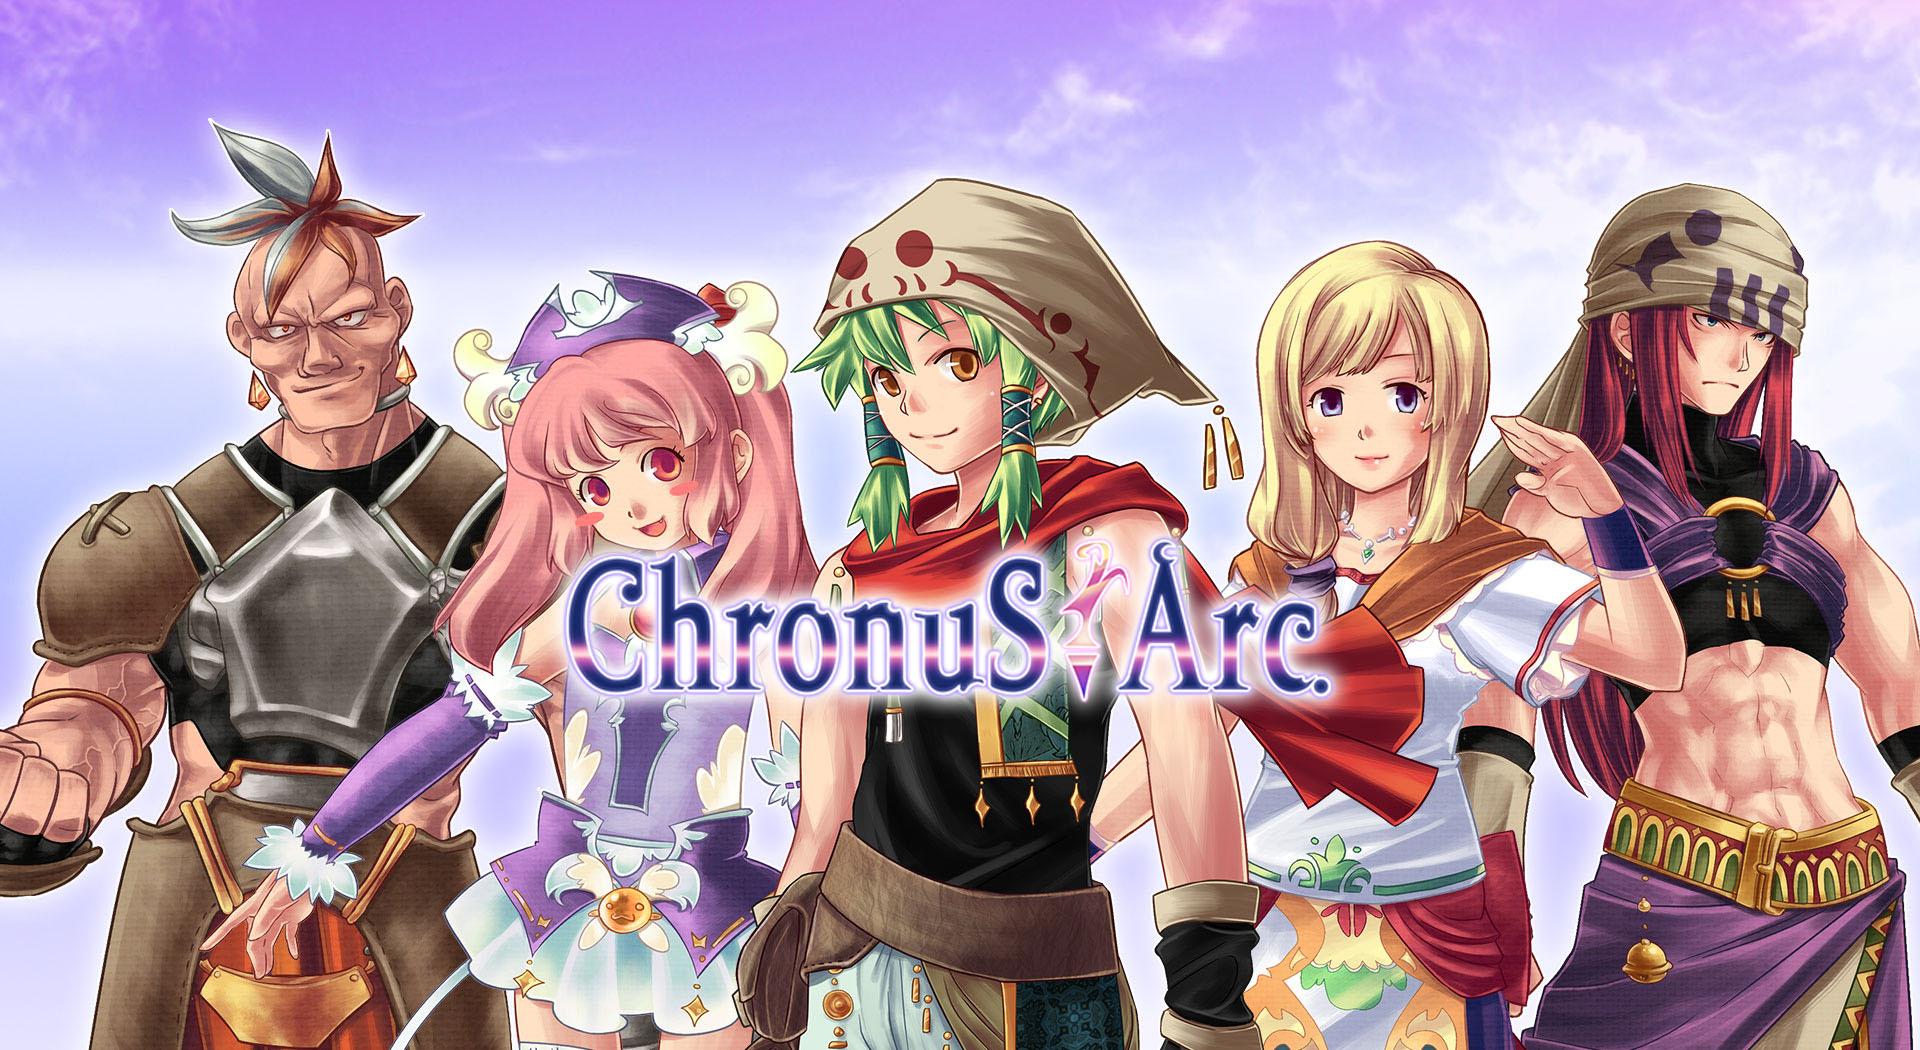 https://i1.wp.com/www.a4at.com/wp-content/uploads/2018/12/Switch_ChronusArc_01.jpg